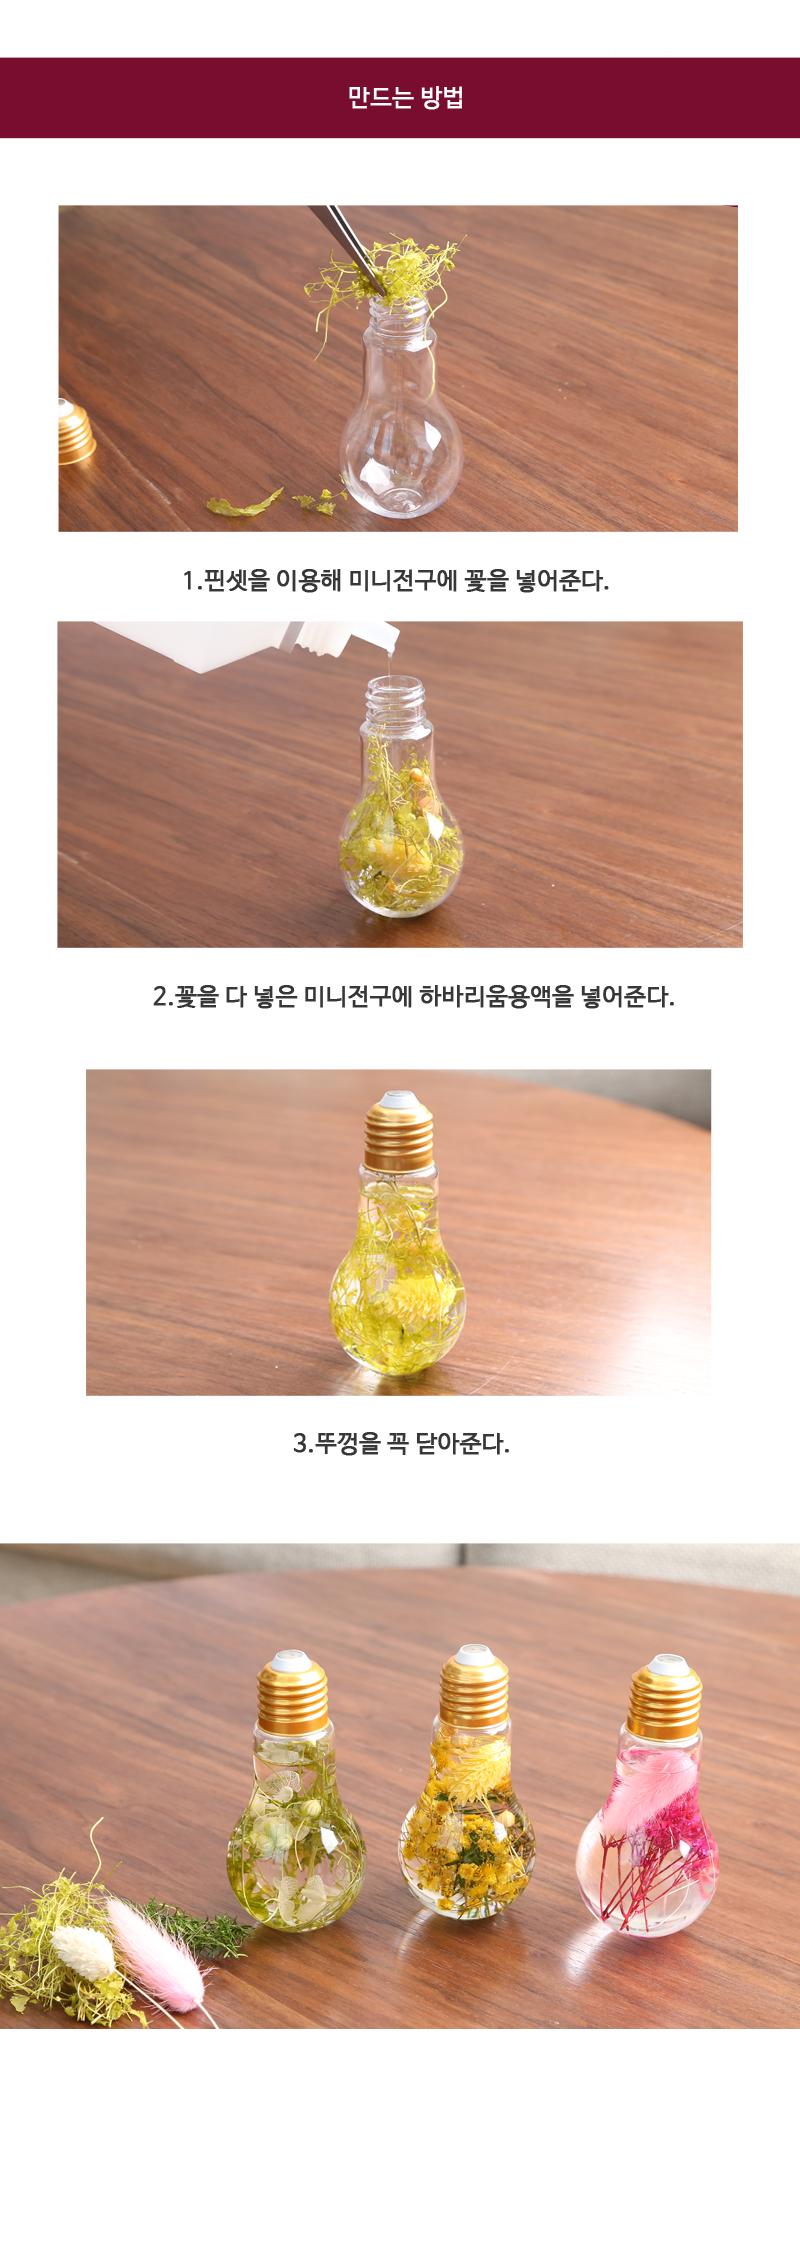 미니전구 하바리움만들기 DIY - 빼꼬빼꼬, 35,000원, 조화, 프리저브드